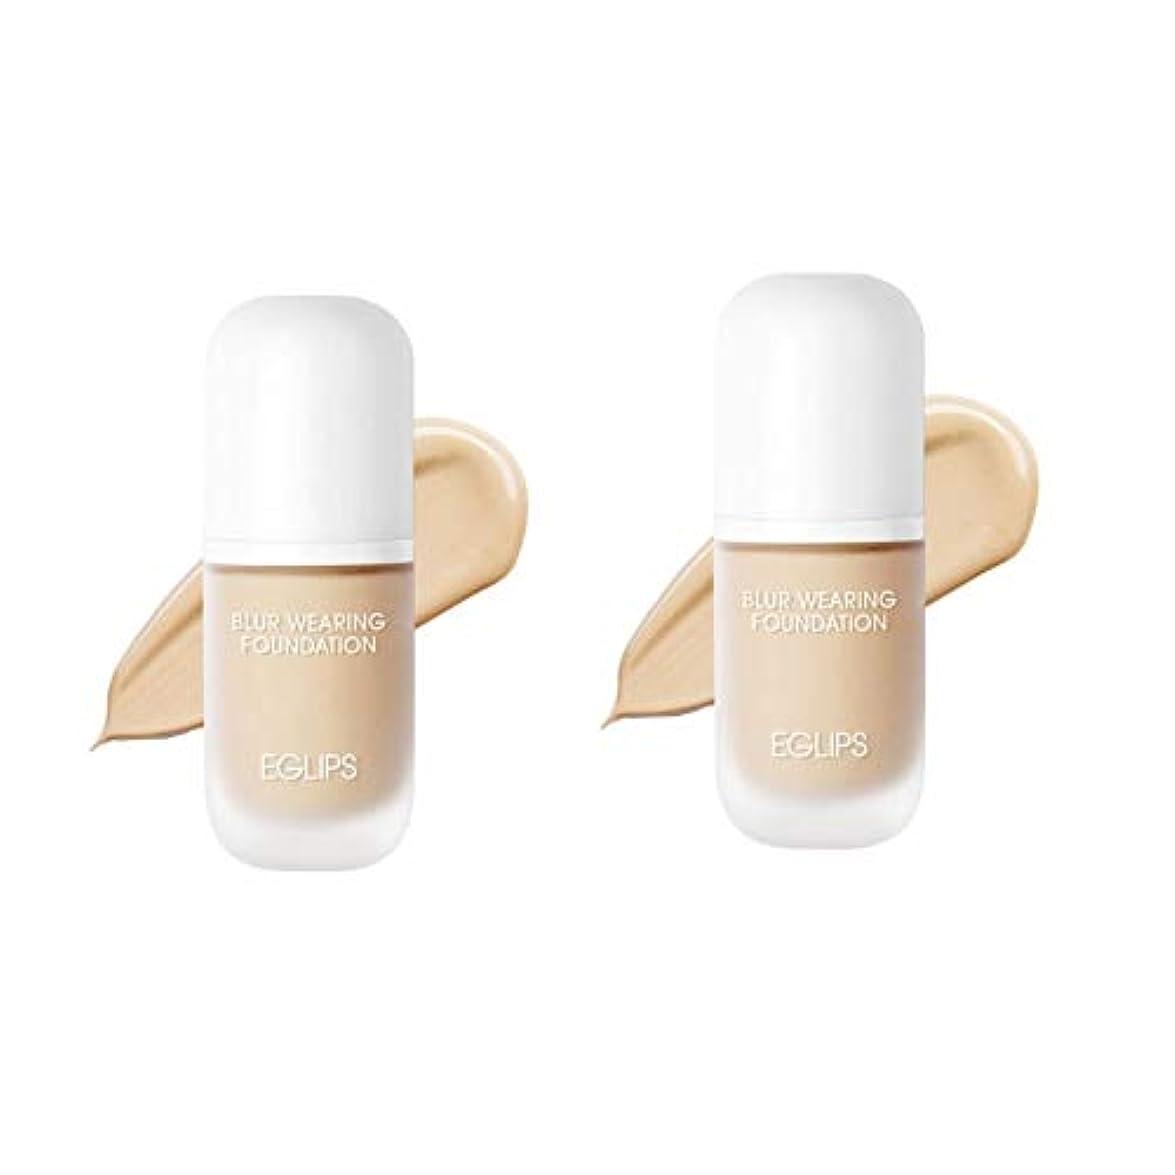 分散倍率会話イーグルリップスブラーウェアリングファンデーション 30mlx2本セット3カラー韓国コスメ、EGLIPS Blur Wearing Foundation 30ml x 2ea Set 3 Colors Korean Cosmetics...